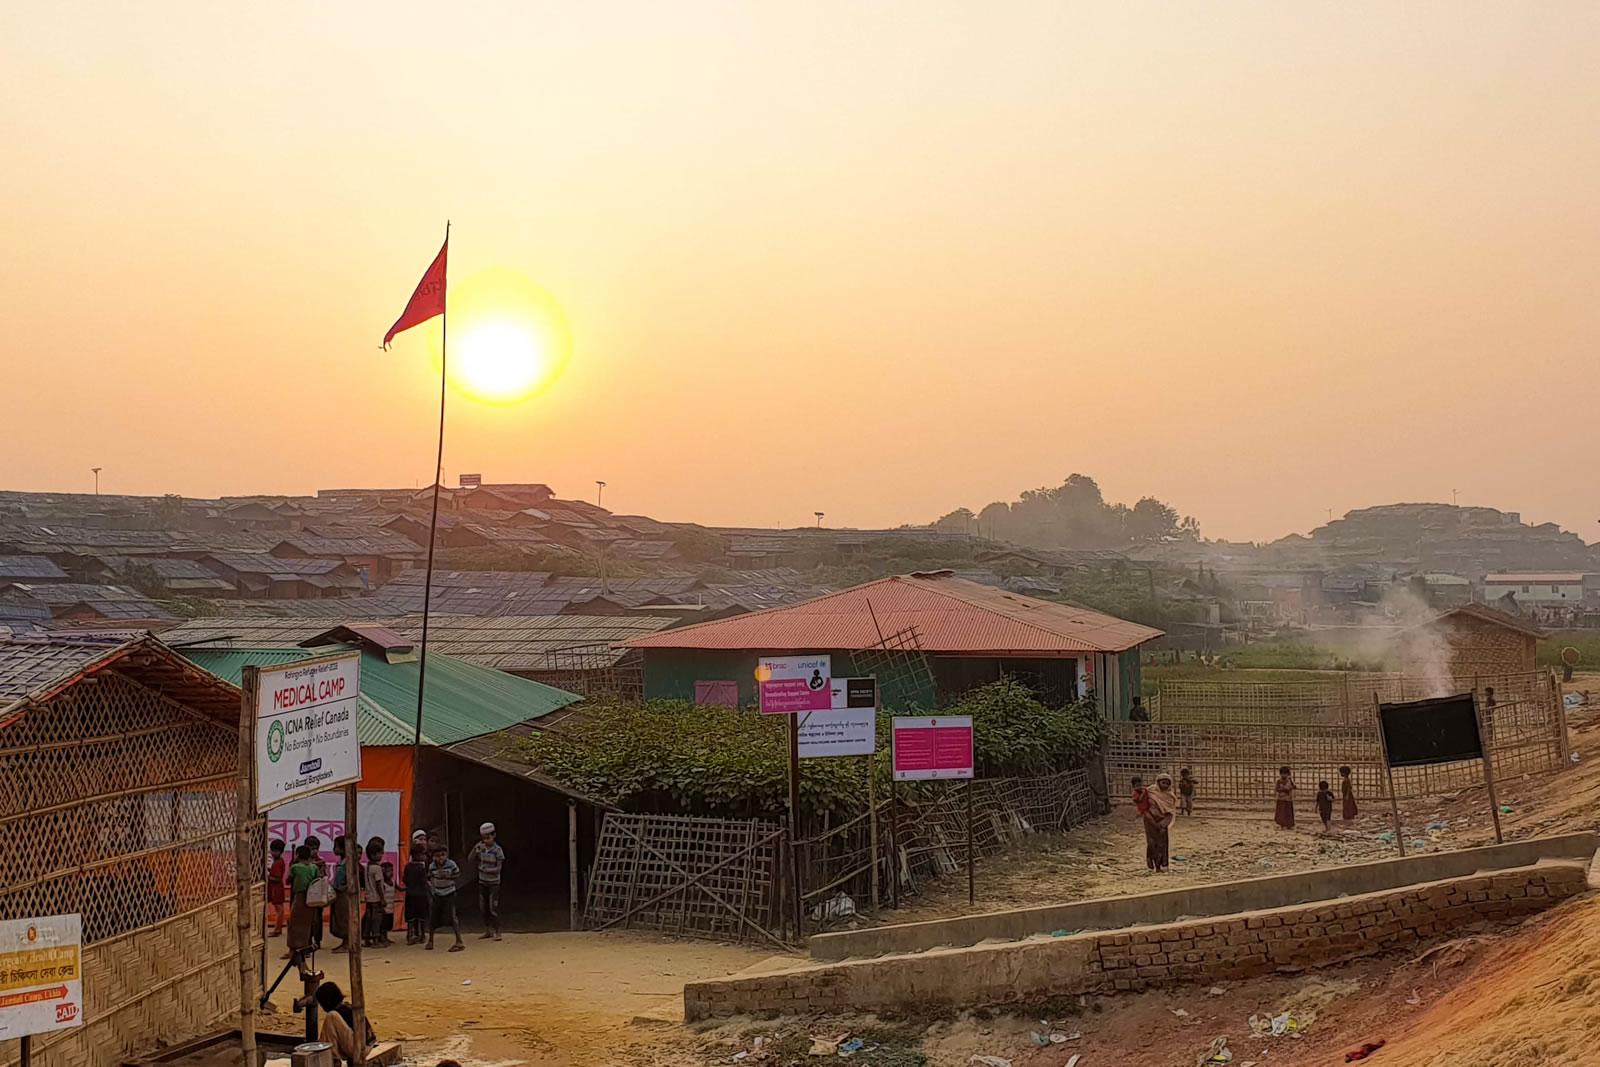 賈姆托利營區美麗的日落,讓我們在忙碌的一天後得到平靜。©MSF